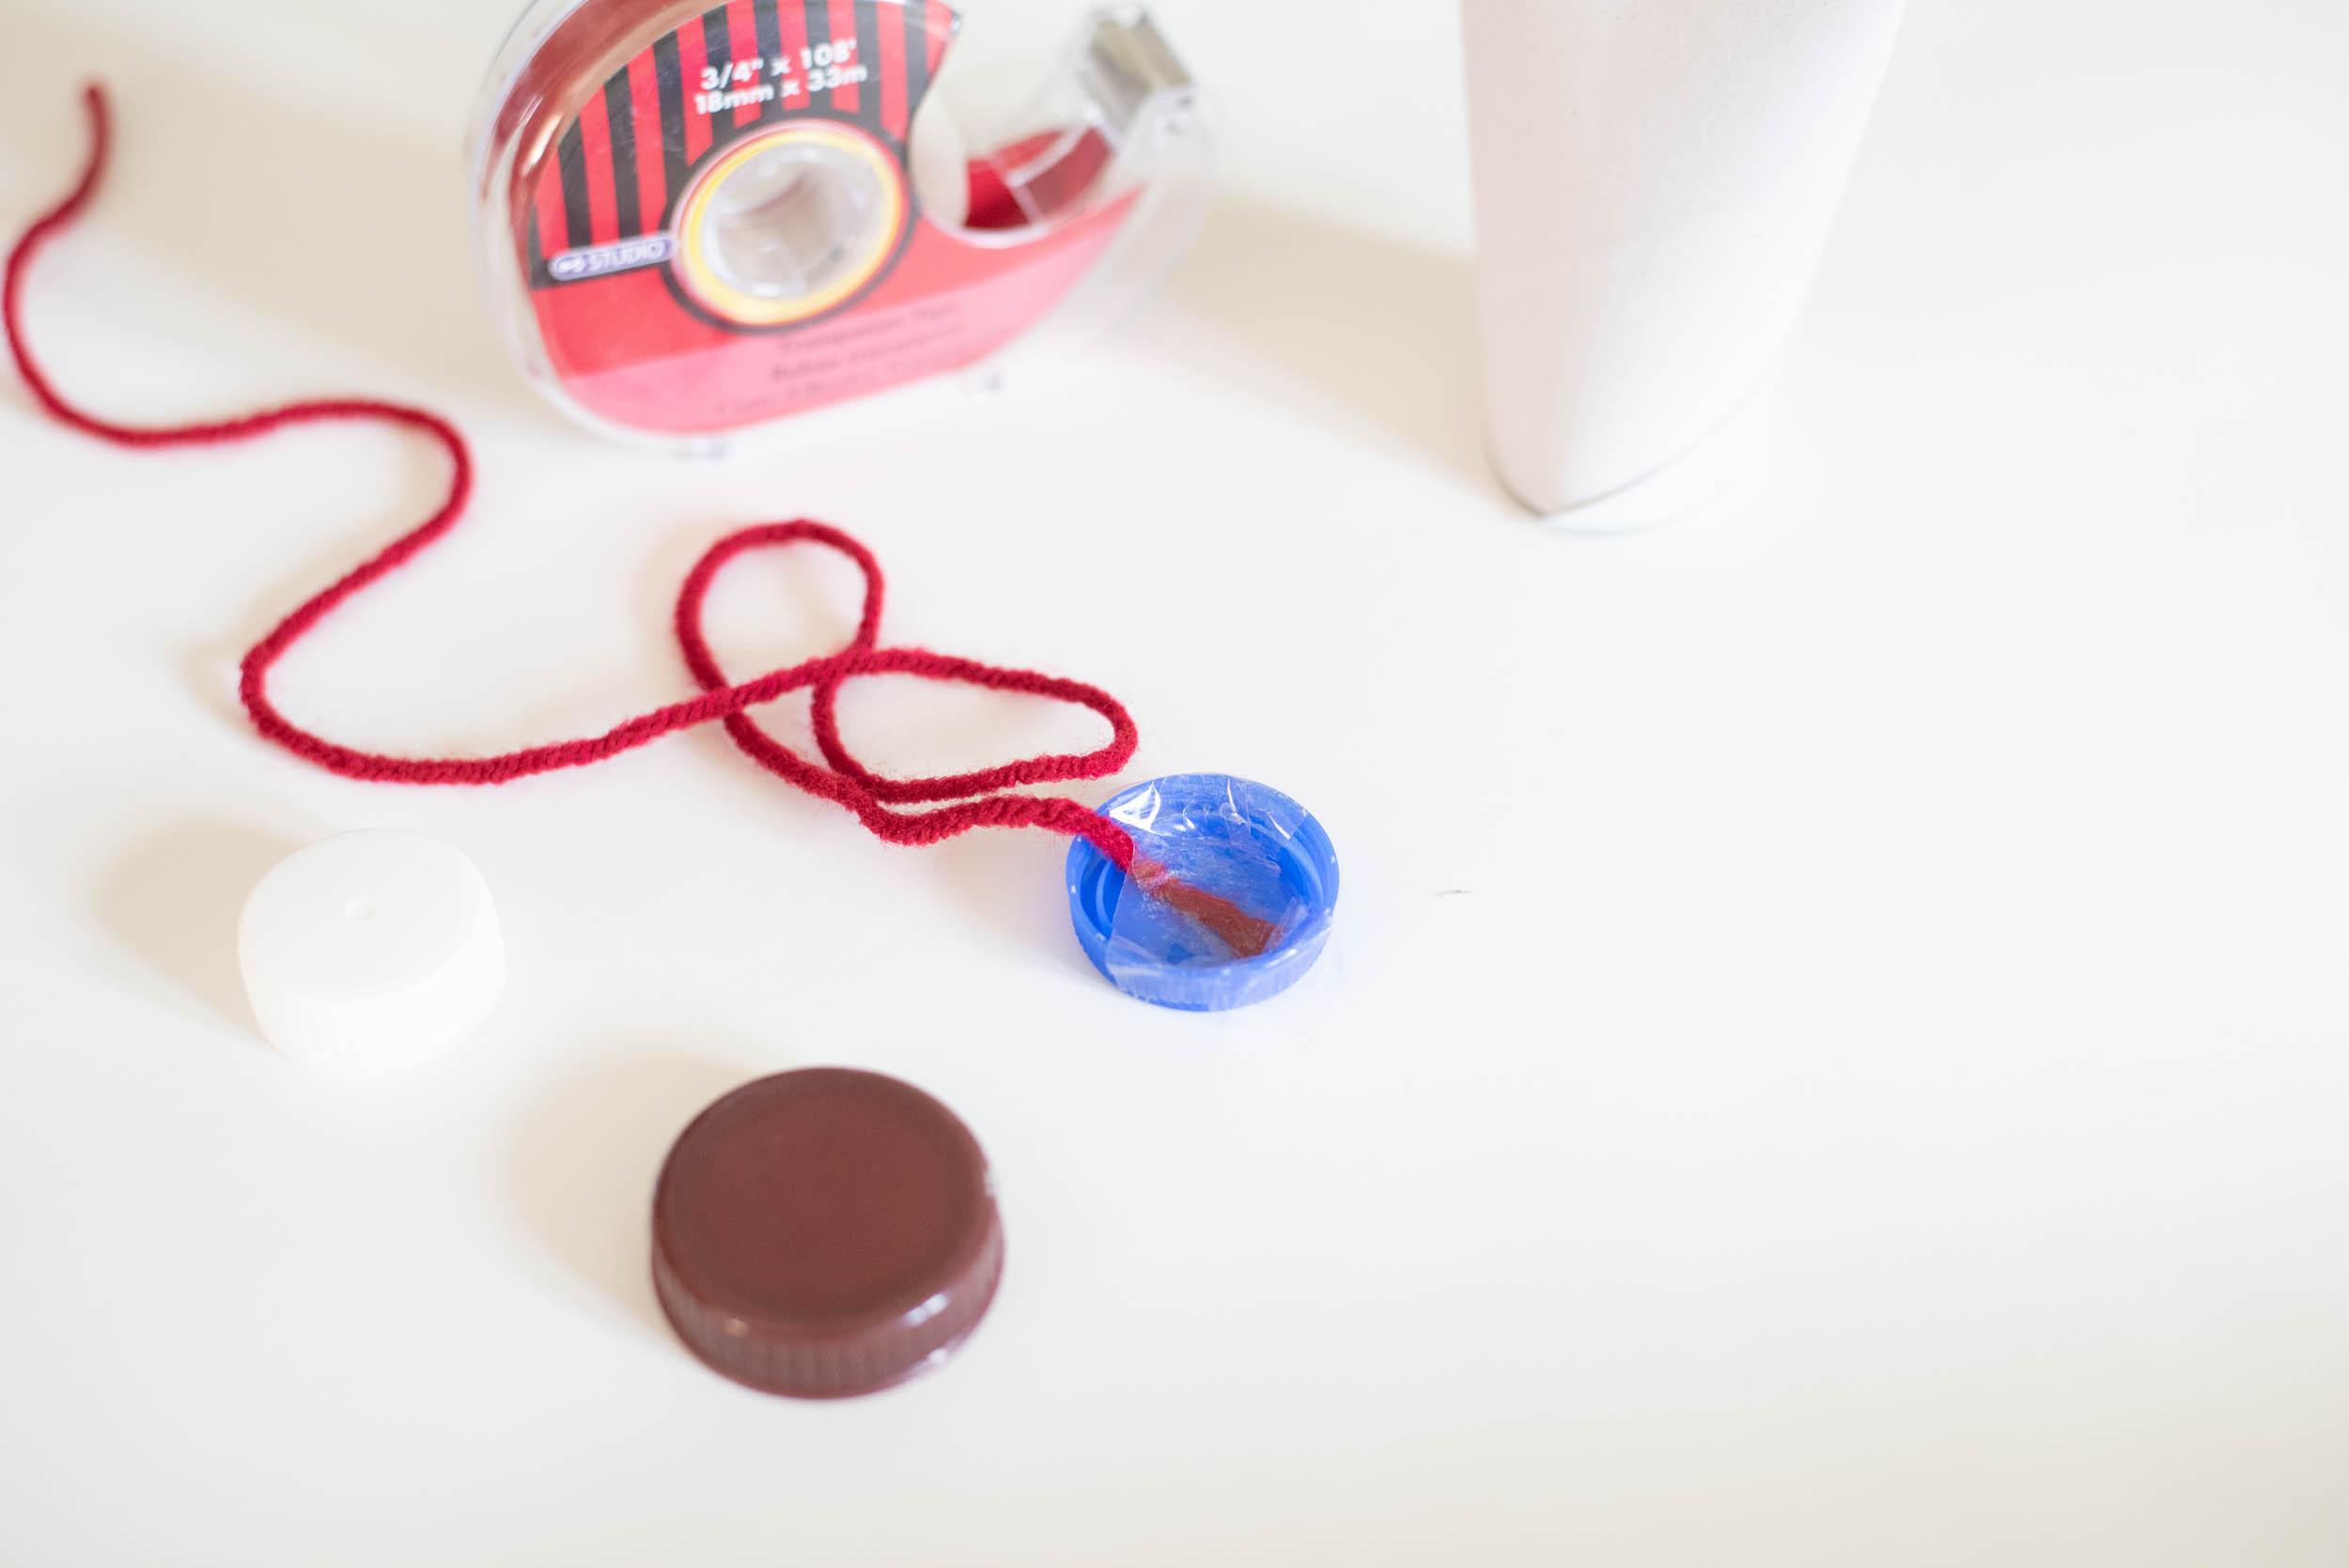 Bricolage-brico-jeu-bricoler-idée facile-rouleau de papier de toilette-rouleau de papier hygiénique-rouleaux-DIY-simple-enfants-vacances-Je suis une maman